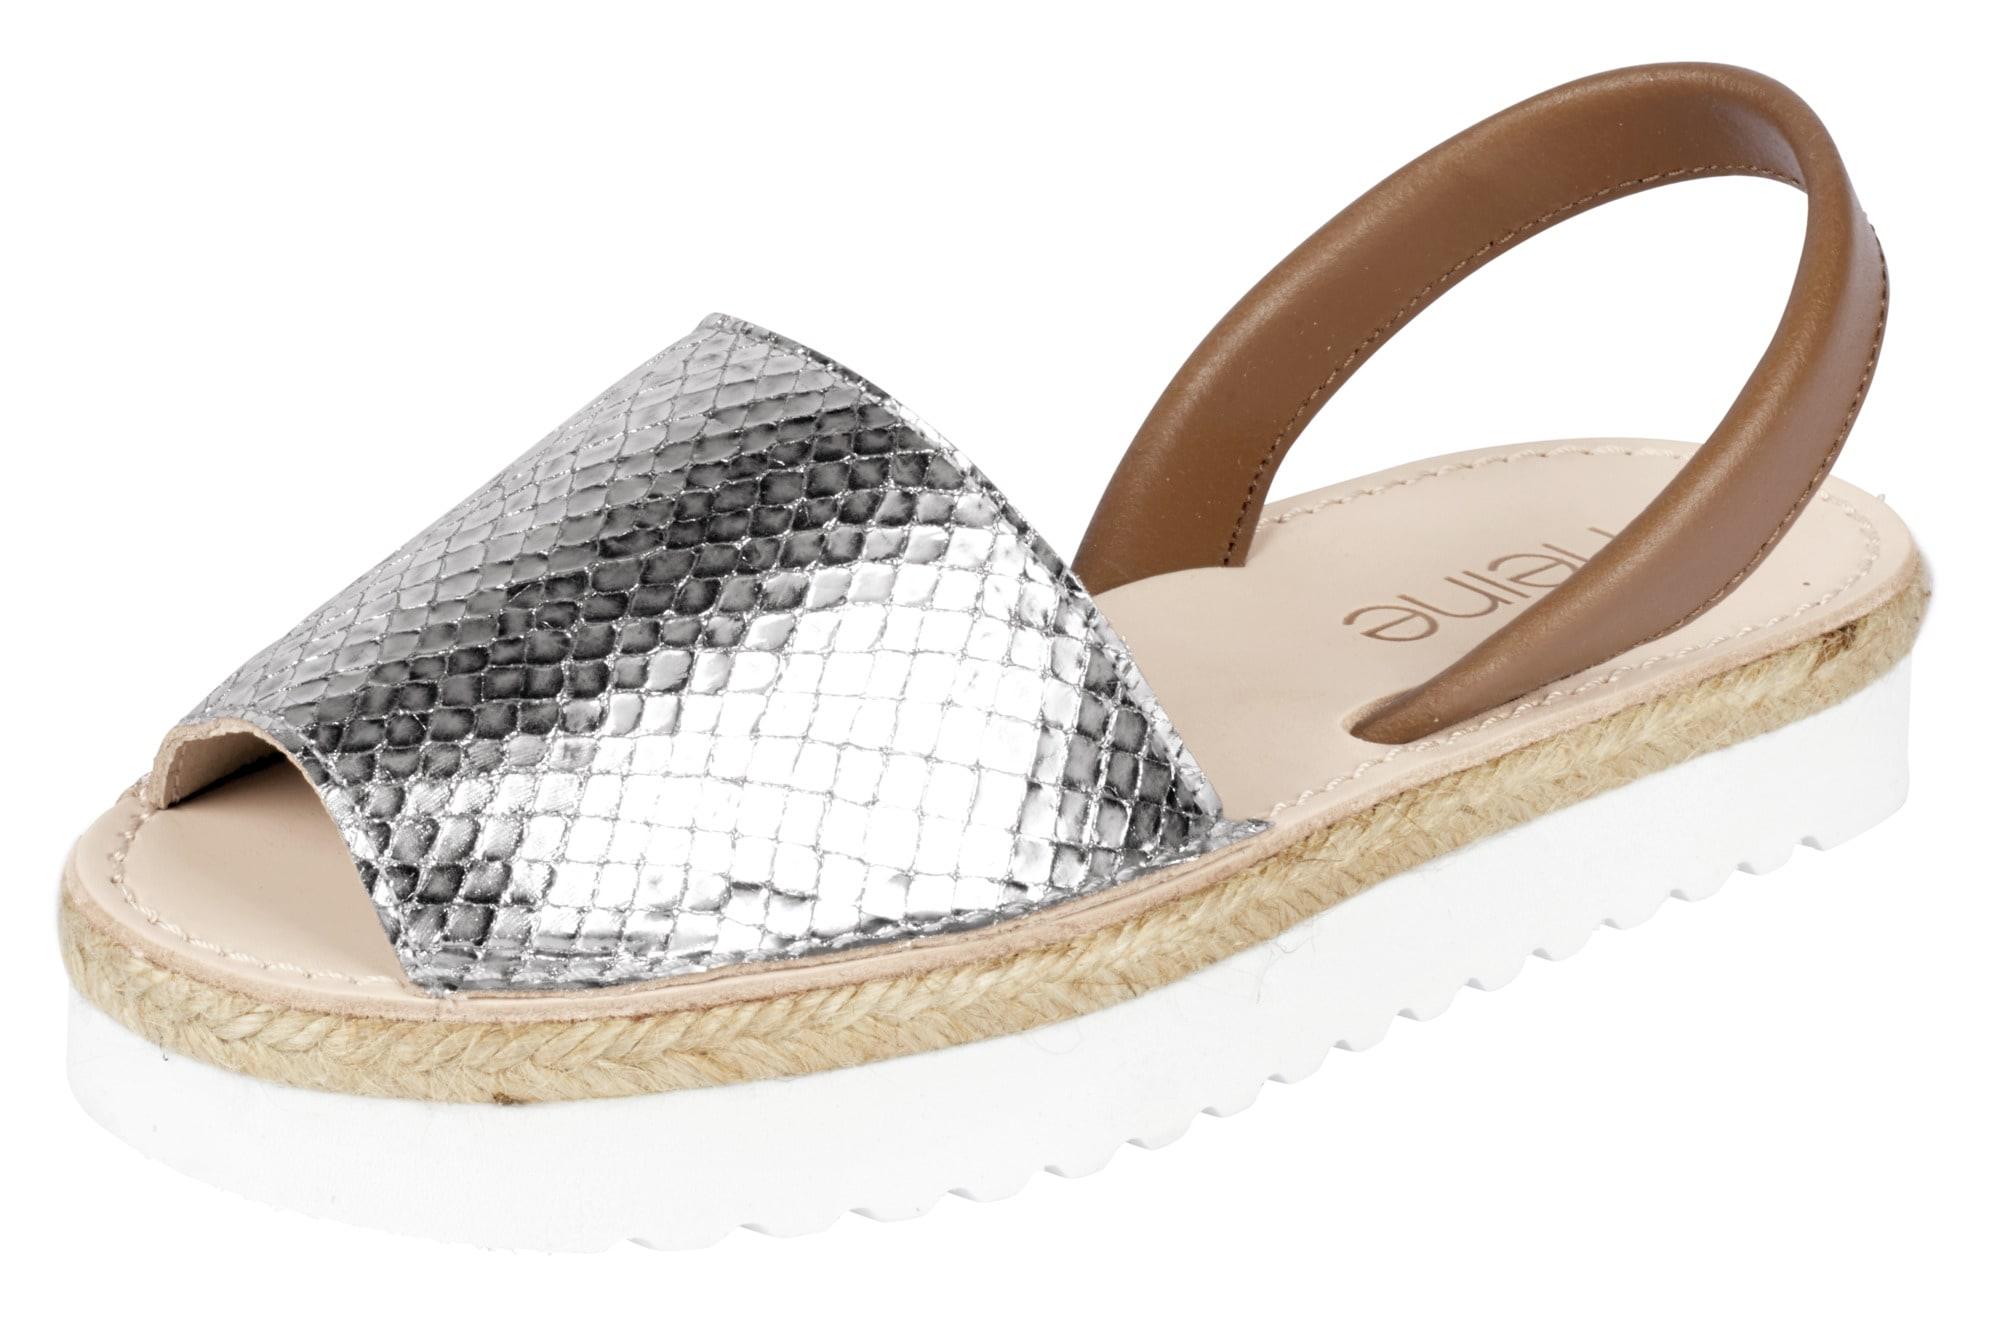 Heine Sandalette Sandalette Sandalette mit Snake-Skin-Look  online kaufen | Gutes Preis-Leistungs-Verhältnis, es lohnt sich d4563f